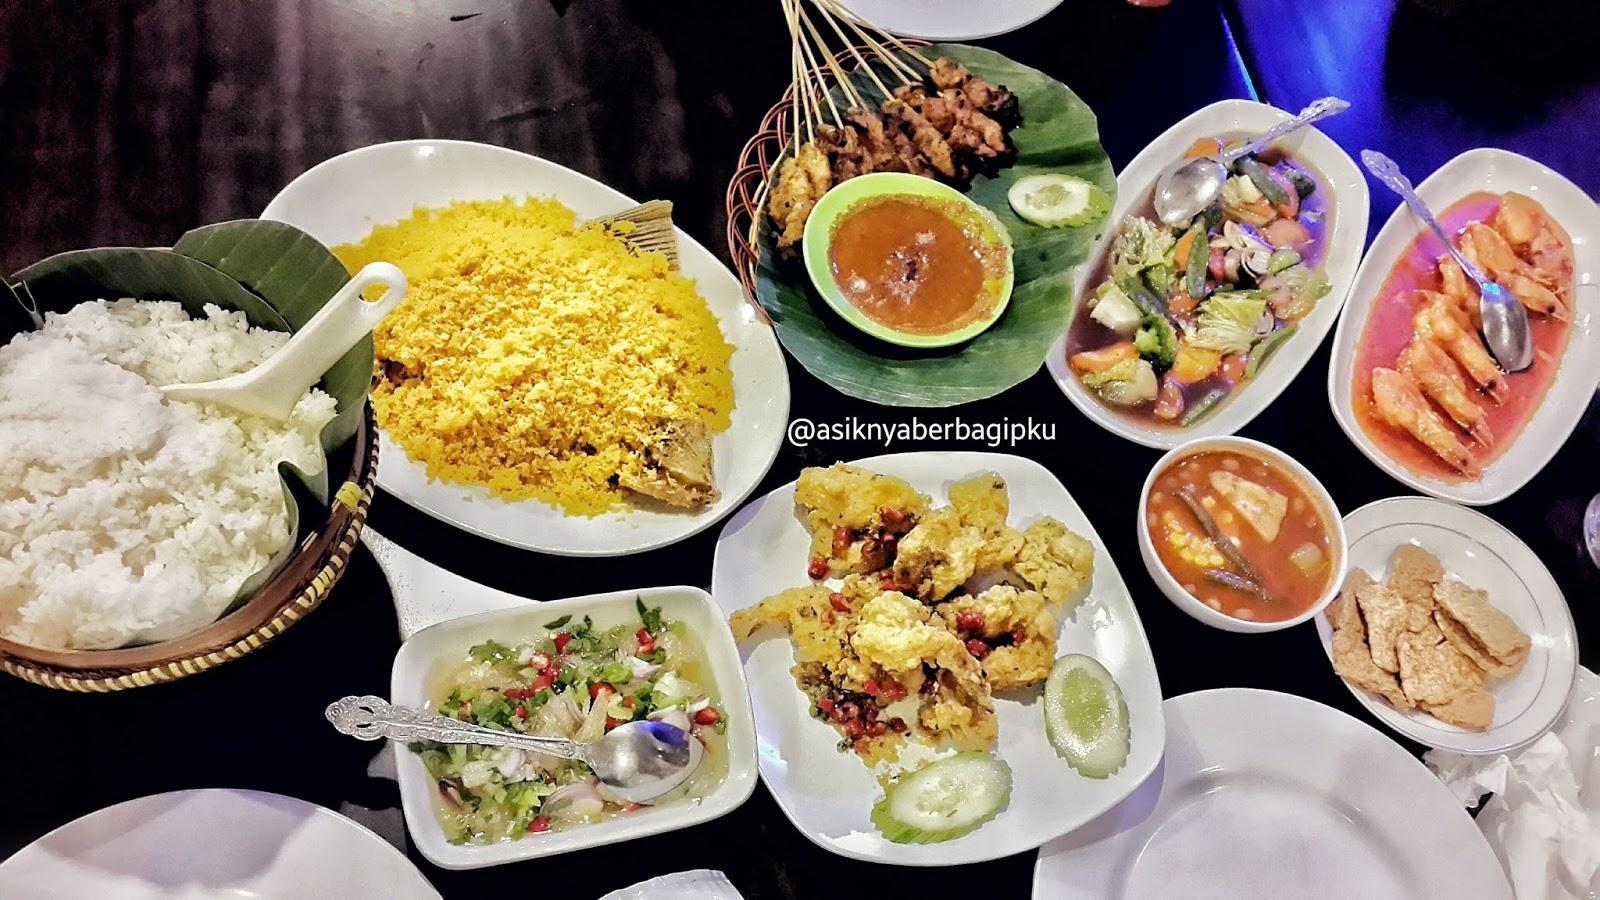 Inilah 5 Tempat Makan Keluarga di Pekanbaru